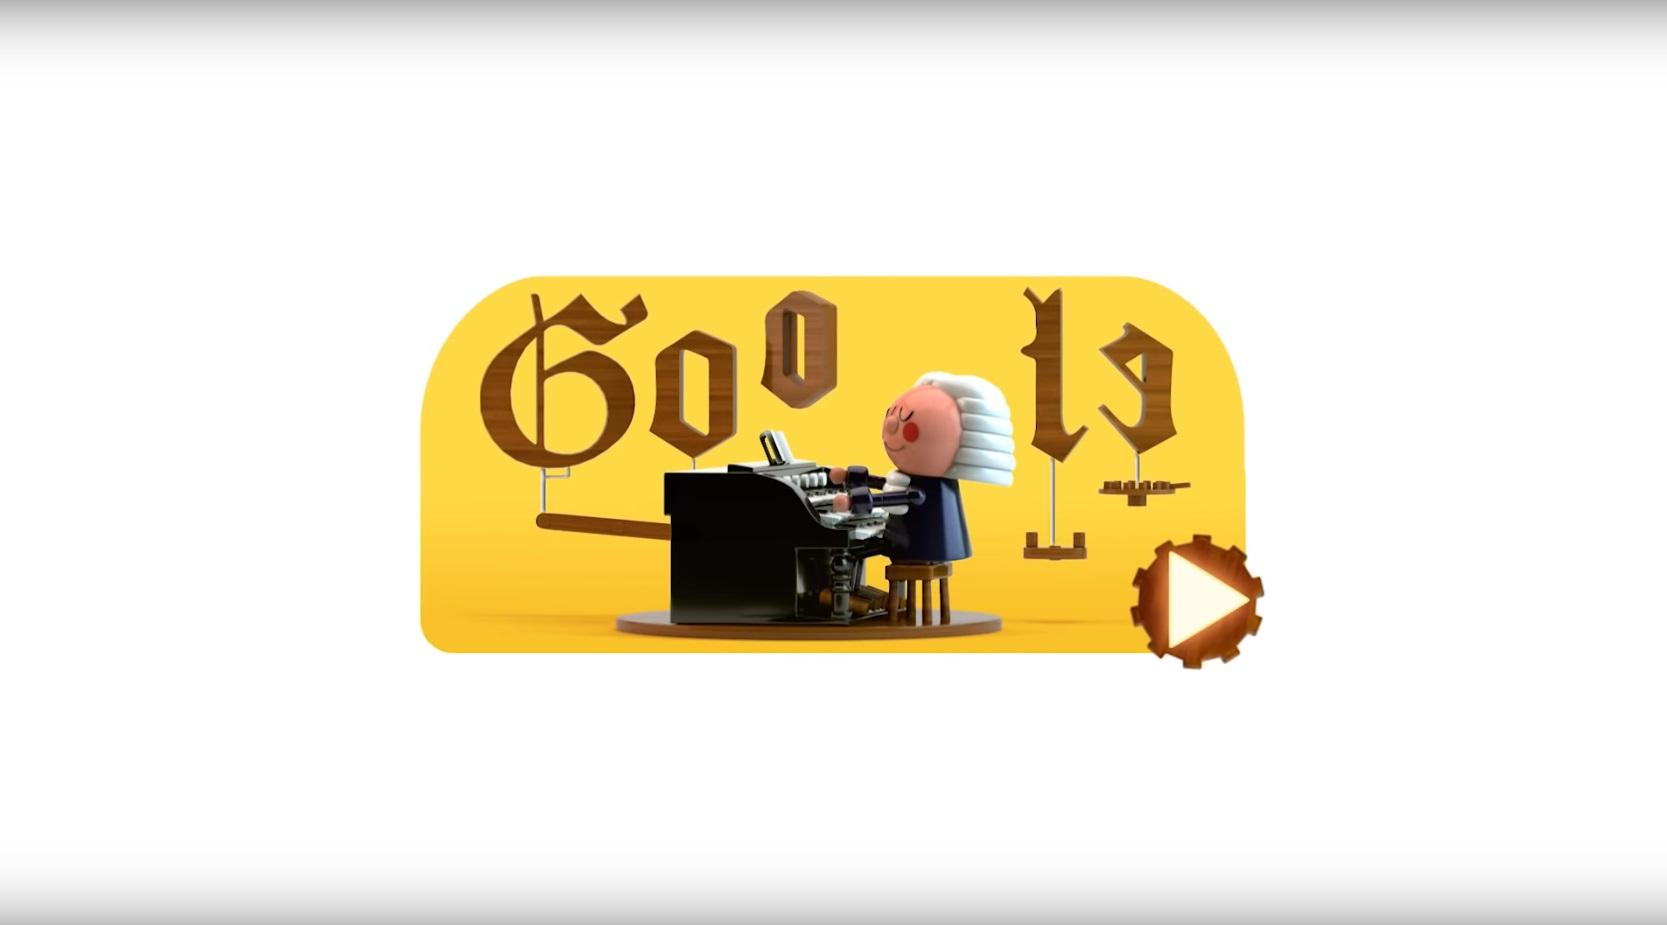 Bach Google Goodle